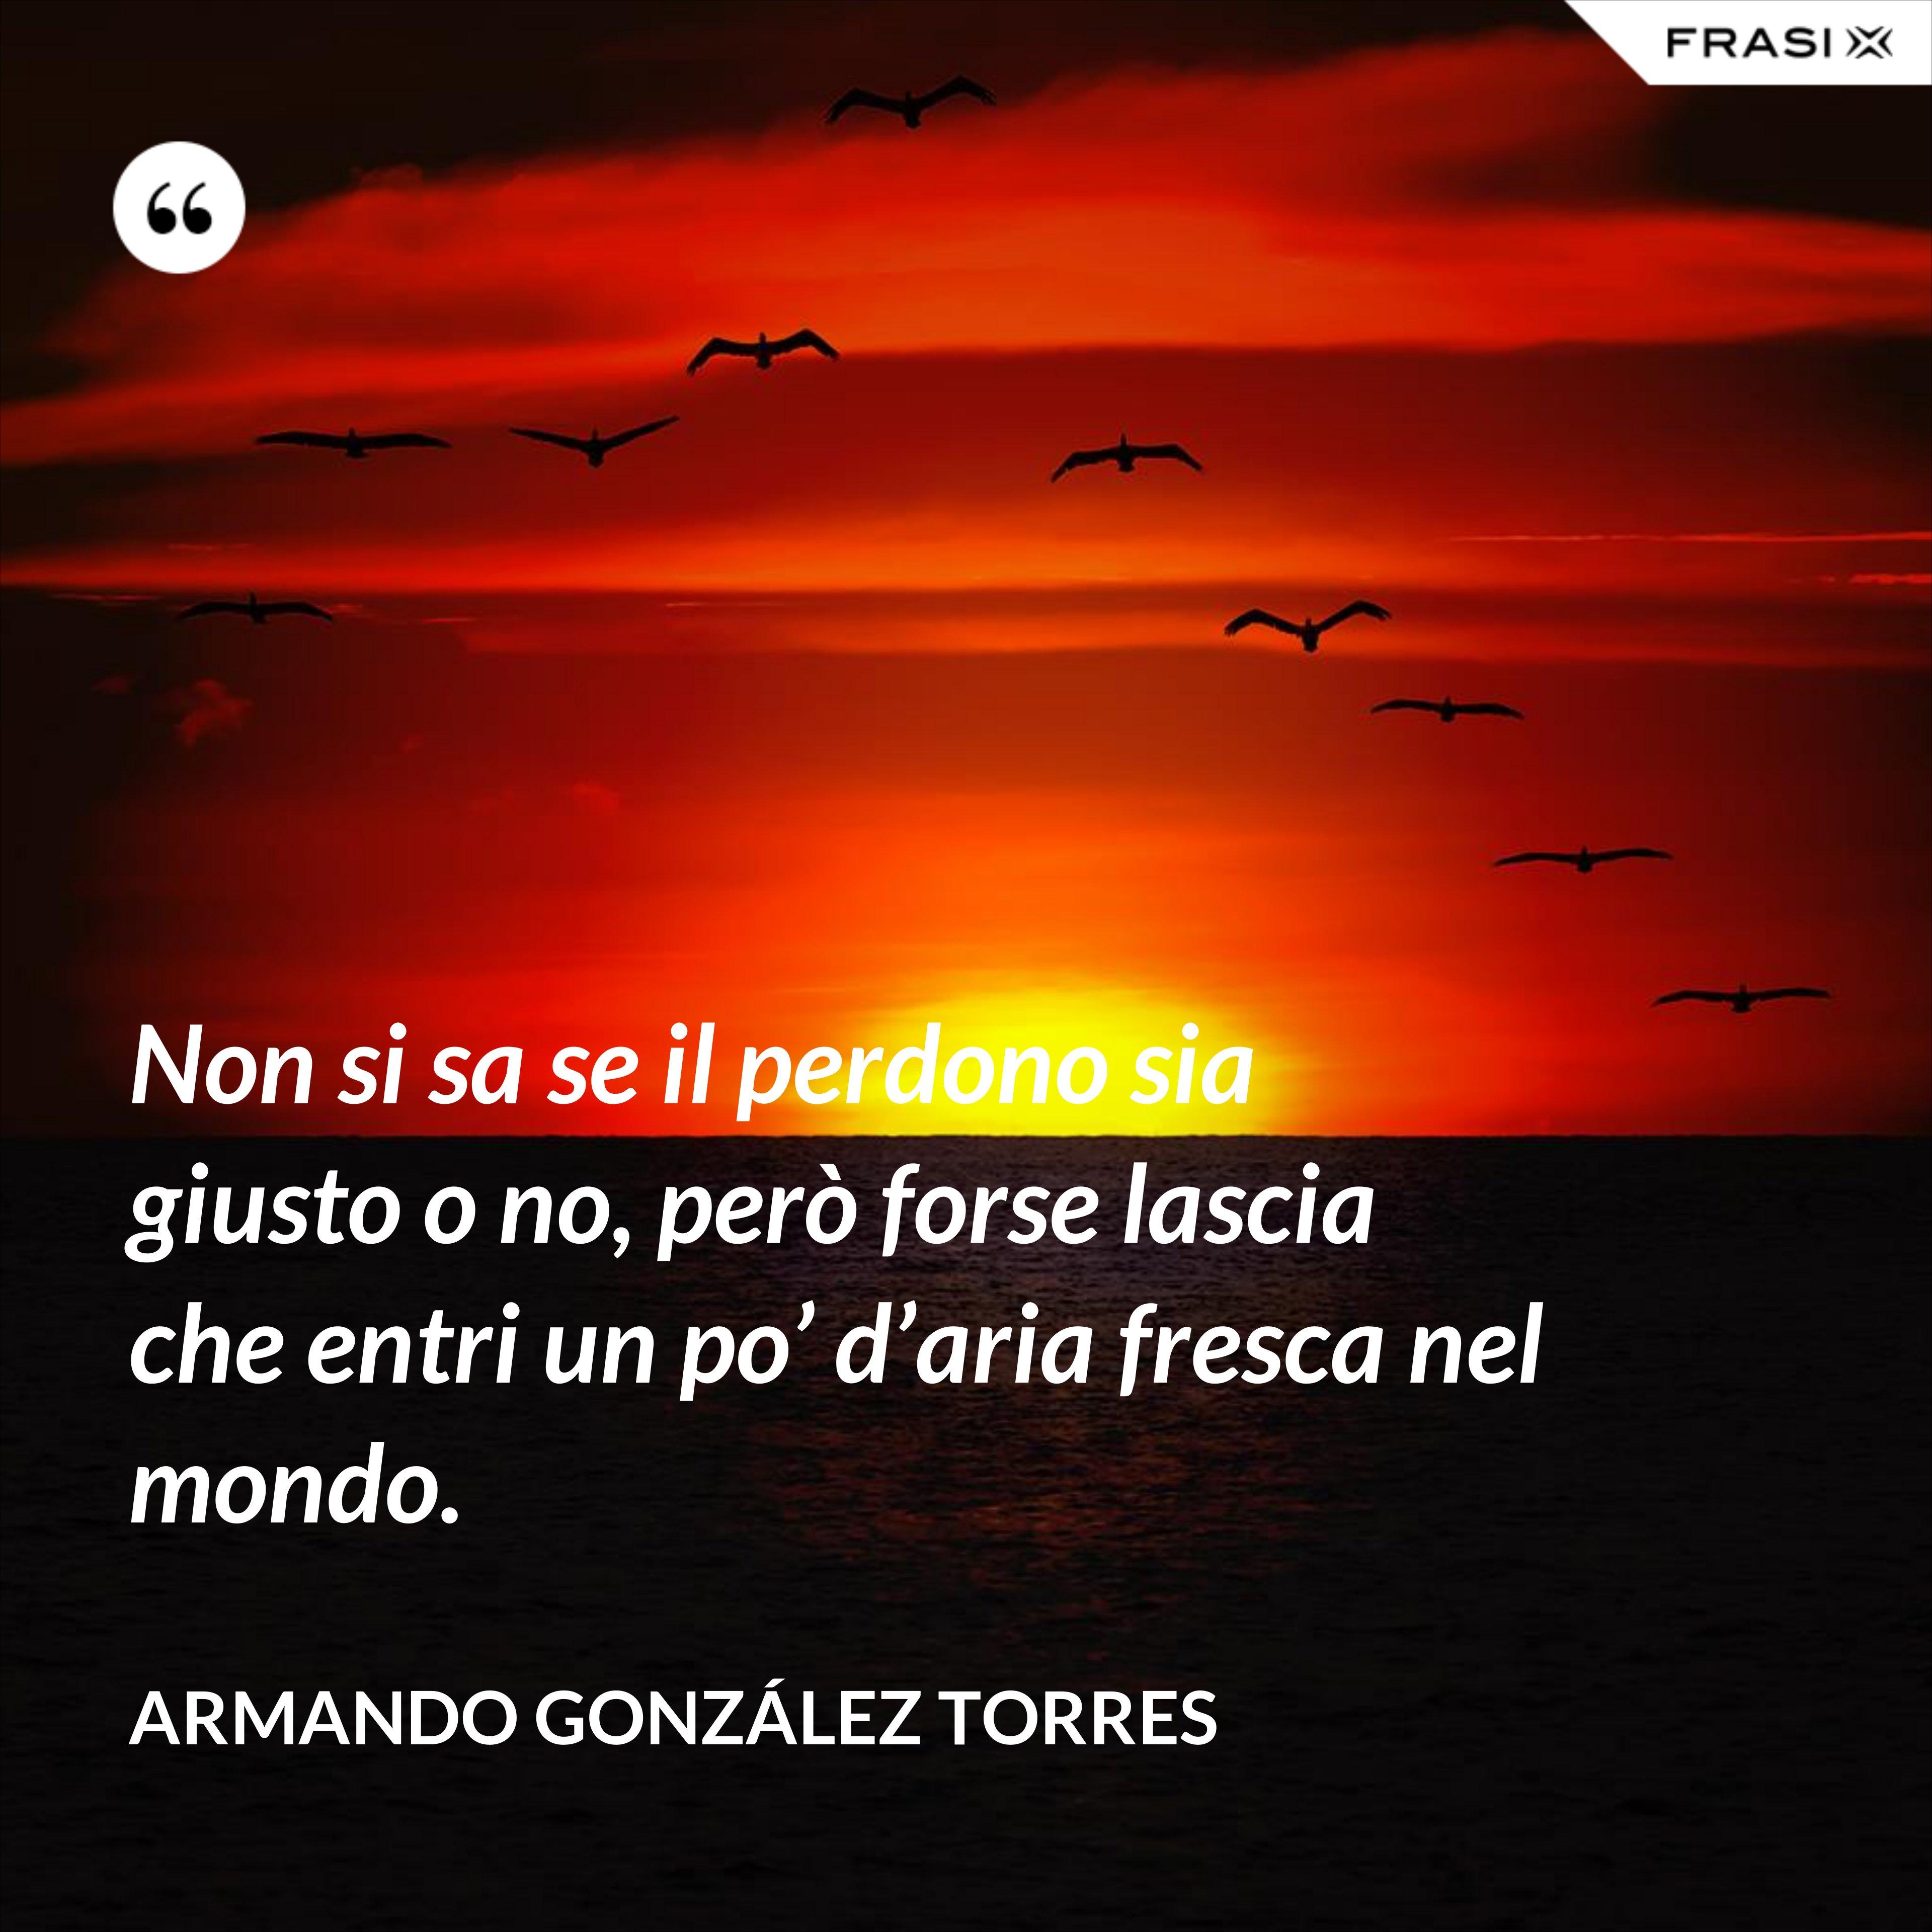 Non si sa se il perdono sia giusto o no, però forse lascia che entri un po' d'aria fresca nel mondo. - Armando González Torres